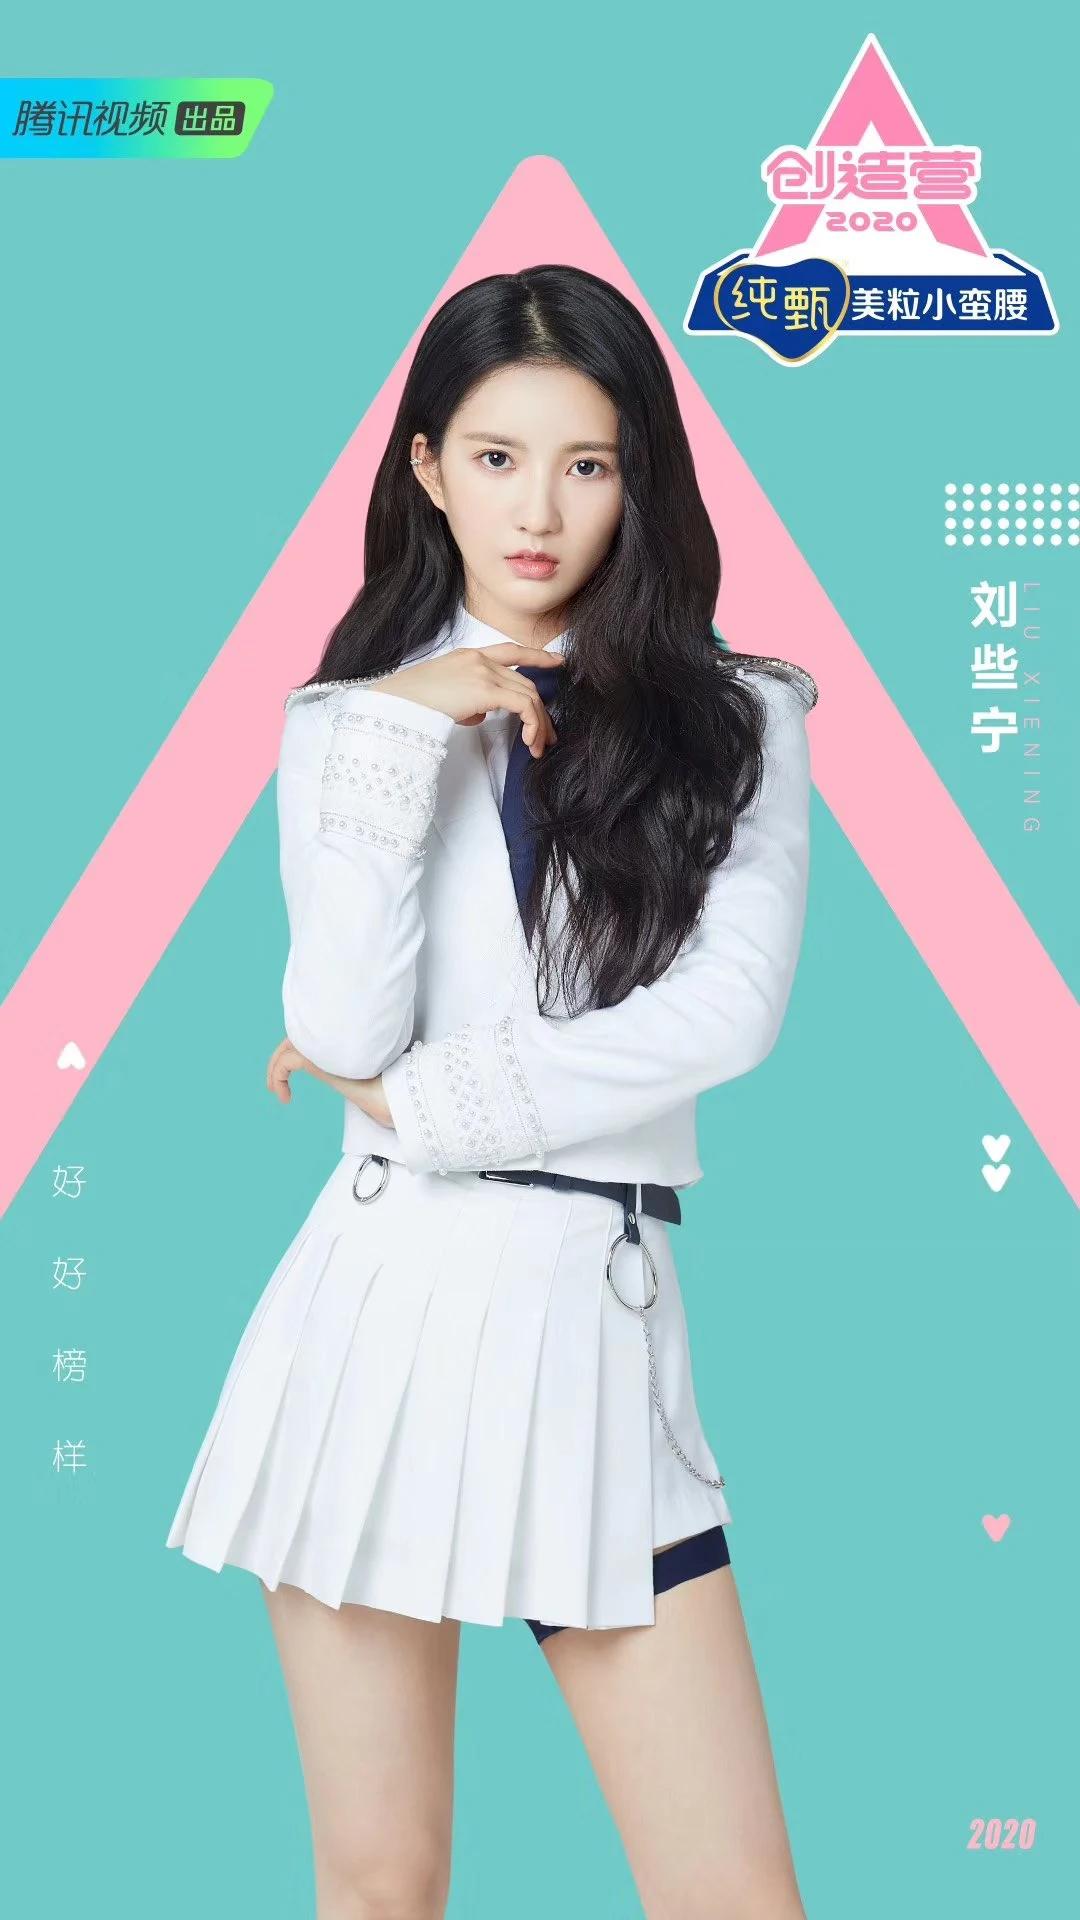 回国参加偶像选秀才是正确的?这9名偶像都曾在韩国出道过!插图18